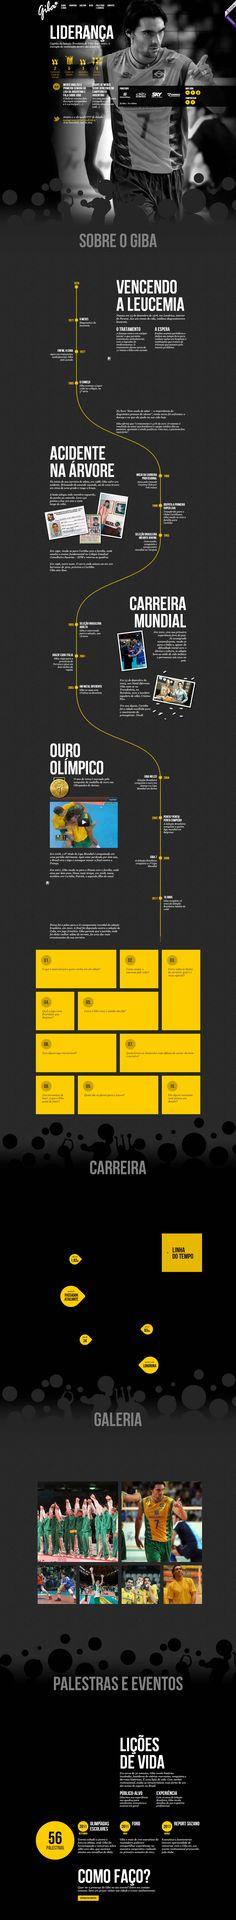 Cool Web Design, Giba 7. #webdesign #webdevelopment [http://www.pinterest.com/alfredchong/]